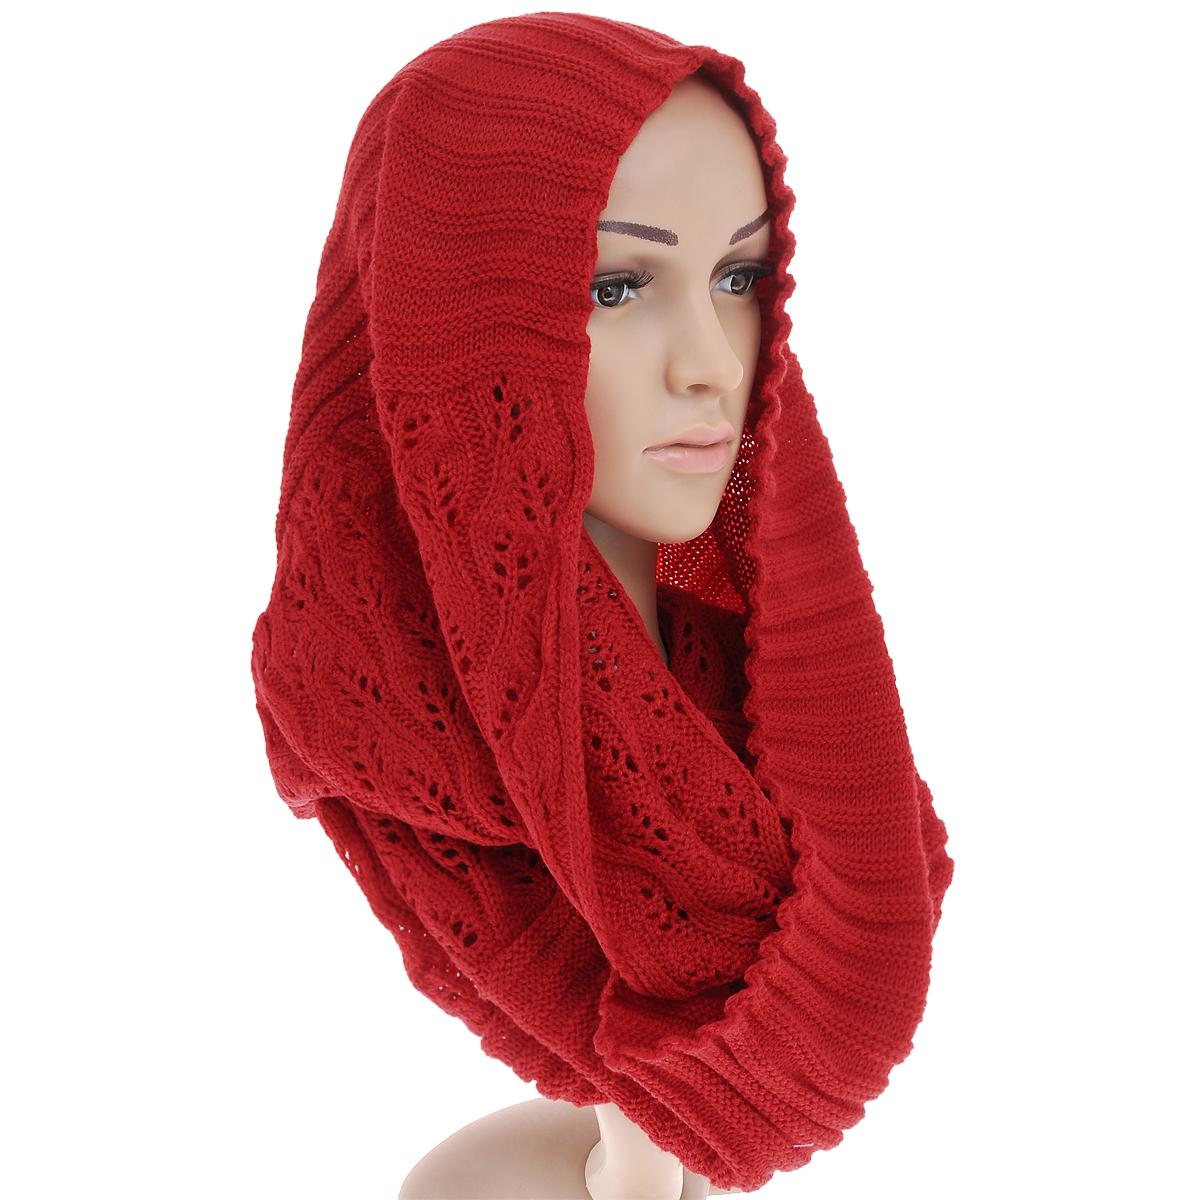 Снуд-хомут женский. 21/009021/0090/001Стильный вязаный снуд-хомут Fashion Stories, выполненный из 100% акрила, создан подчеркнуть ваш неординарный вкус и согреть вас в прохладное время года. Модель отличается интересной фактурой - вязка в виде резинки, плавно переходящая в ажурное плетение, позволяет создать эффект многослойности. Снуд - это объемный шарф, связанный по кругу. Этот модный аксессуар гармонично дополнит образ современной женщины, следящей за своим имиджем и стремящейся всегда оставаться стильной и элегантной.